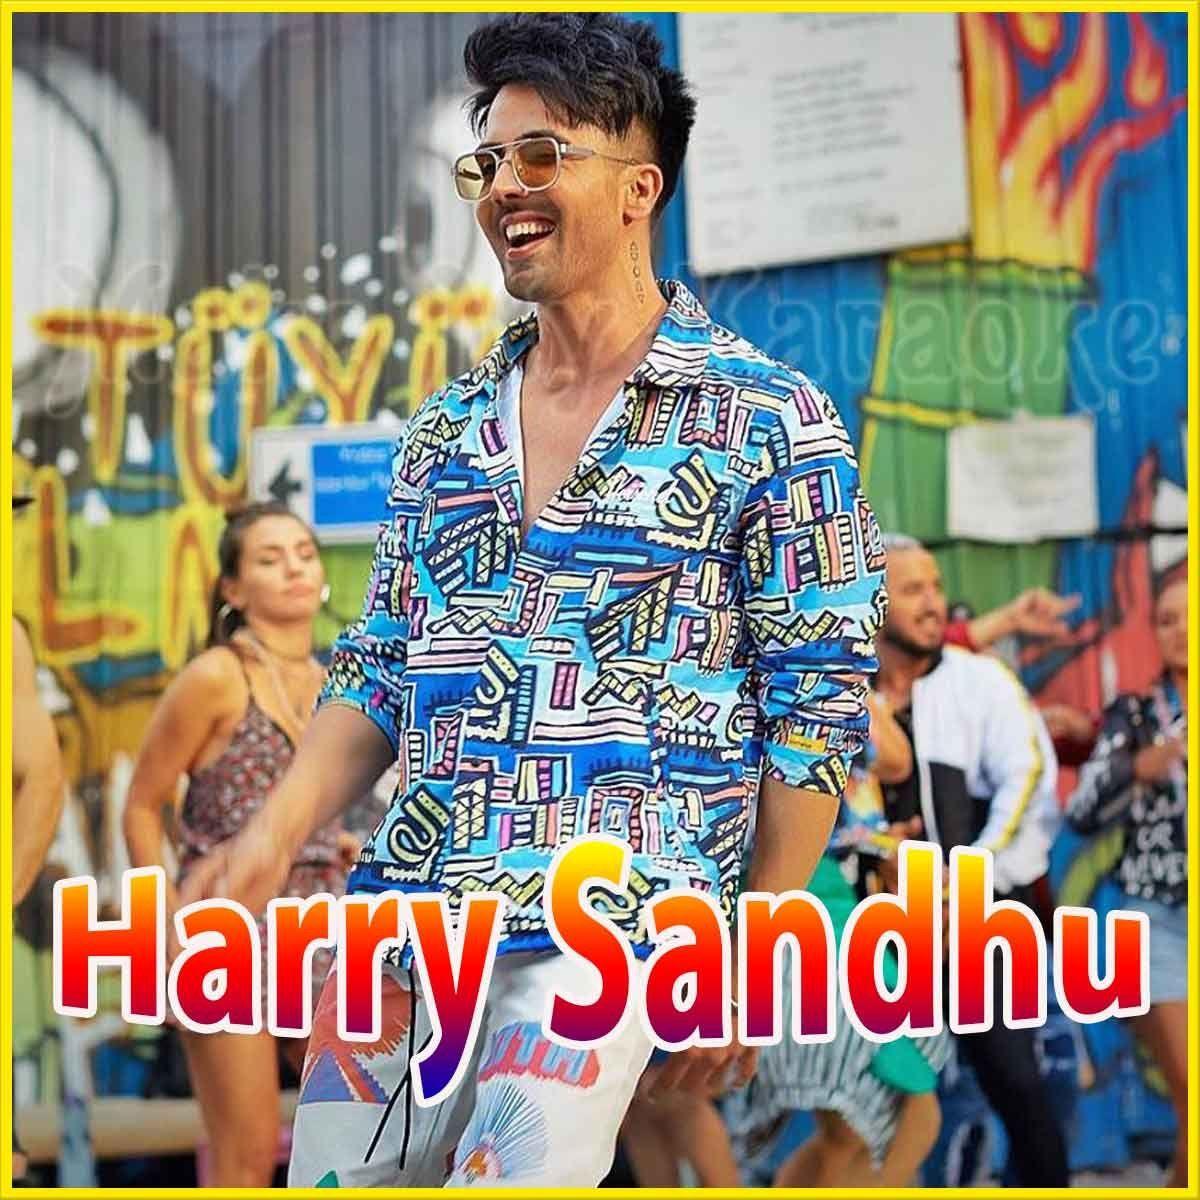 Kya Baat Ay Karaoke Harry Sandhu Karaoke Karaoke Karaoke Songs Songs